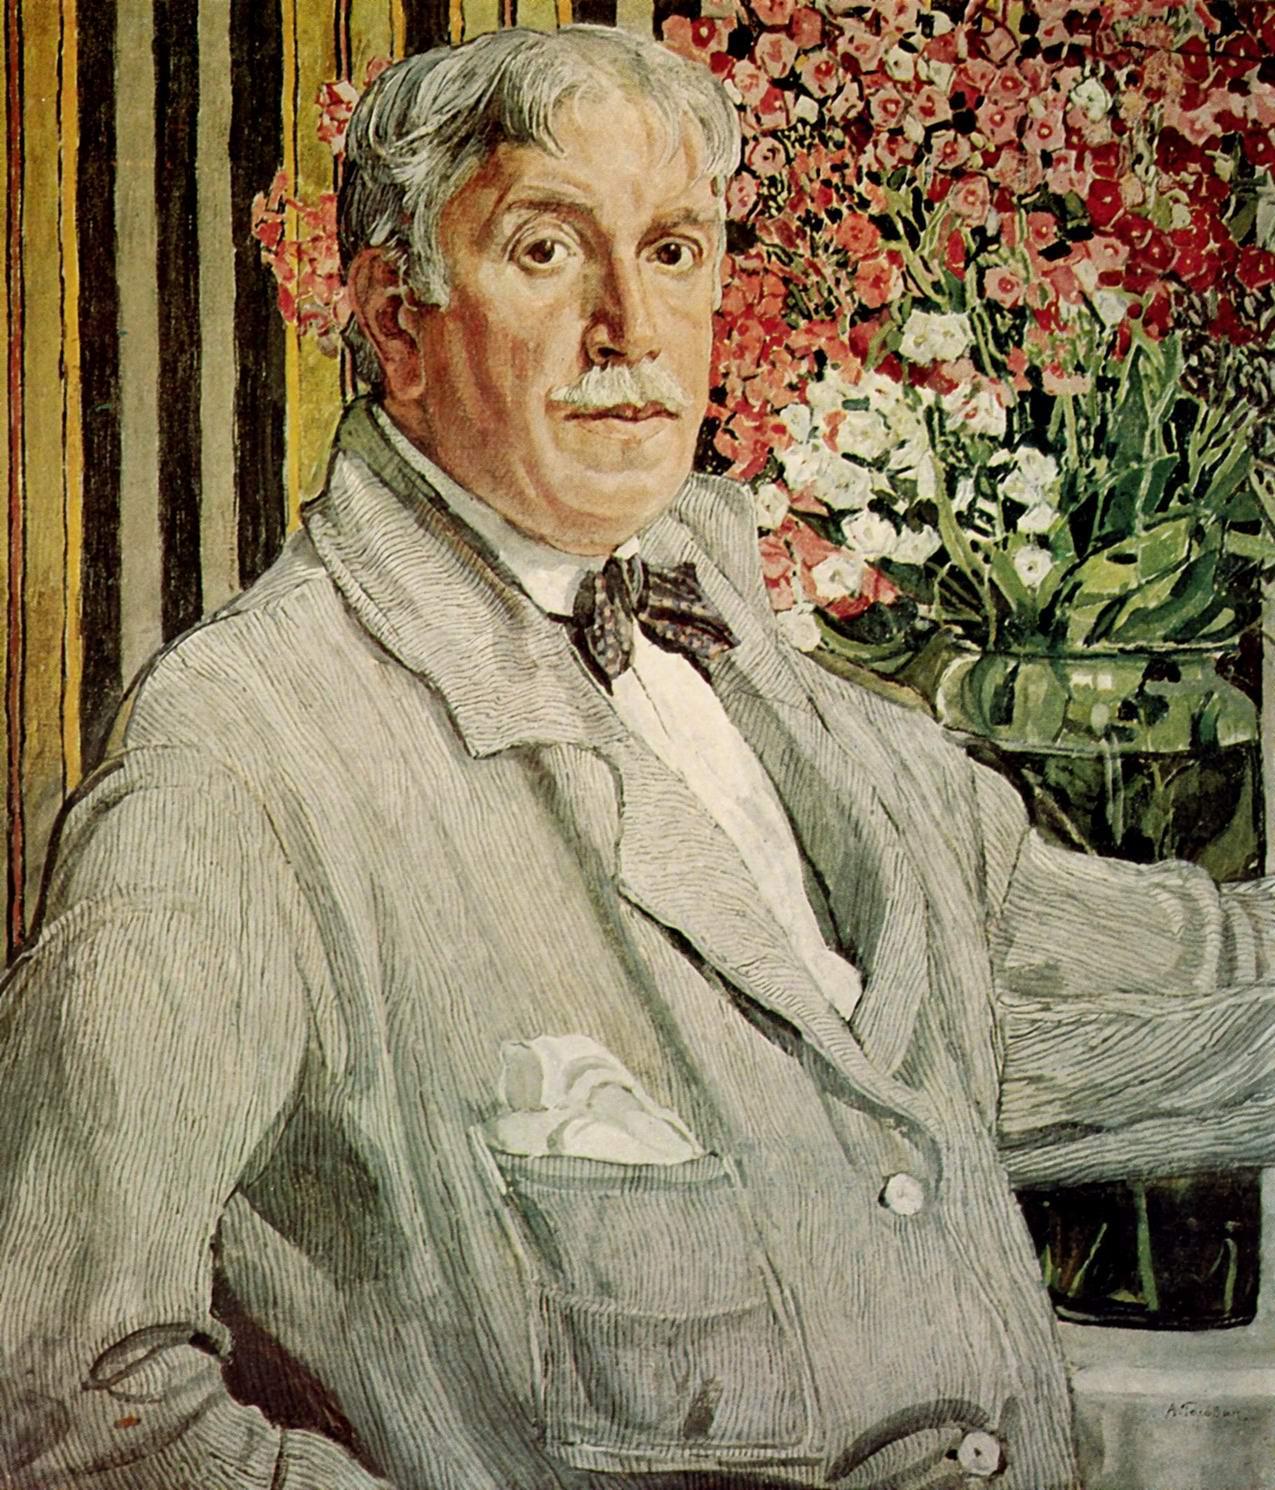 Автопортрет с полосатой тканью, Головин Александр Яковлевич